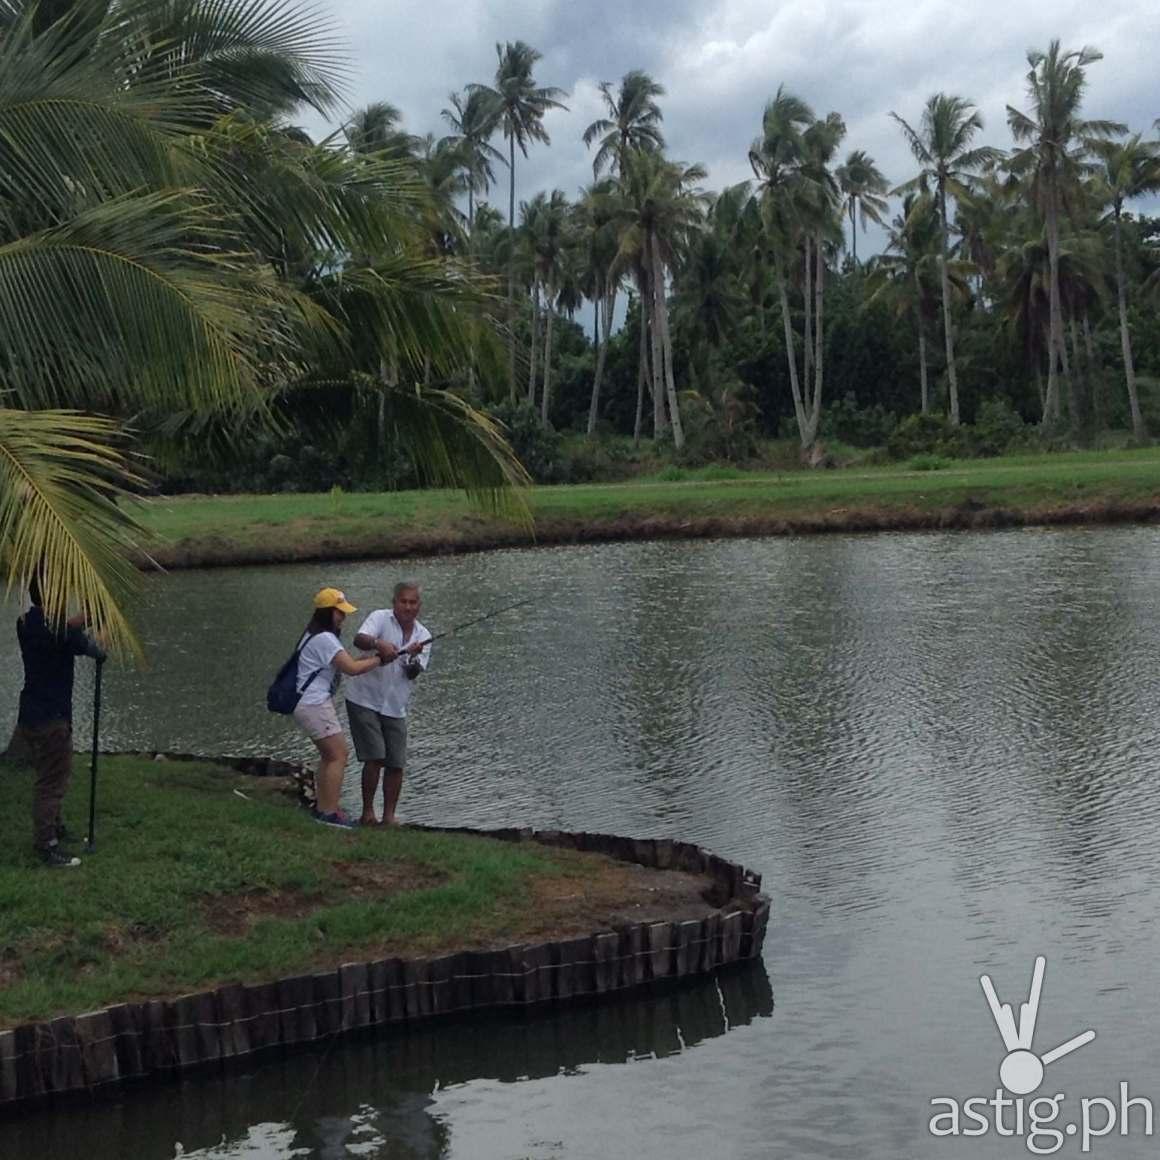 Guests try fishing at the fishing village at Banana Beach